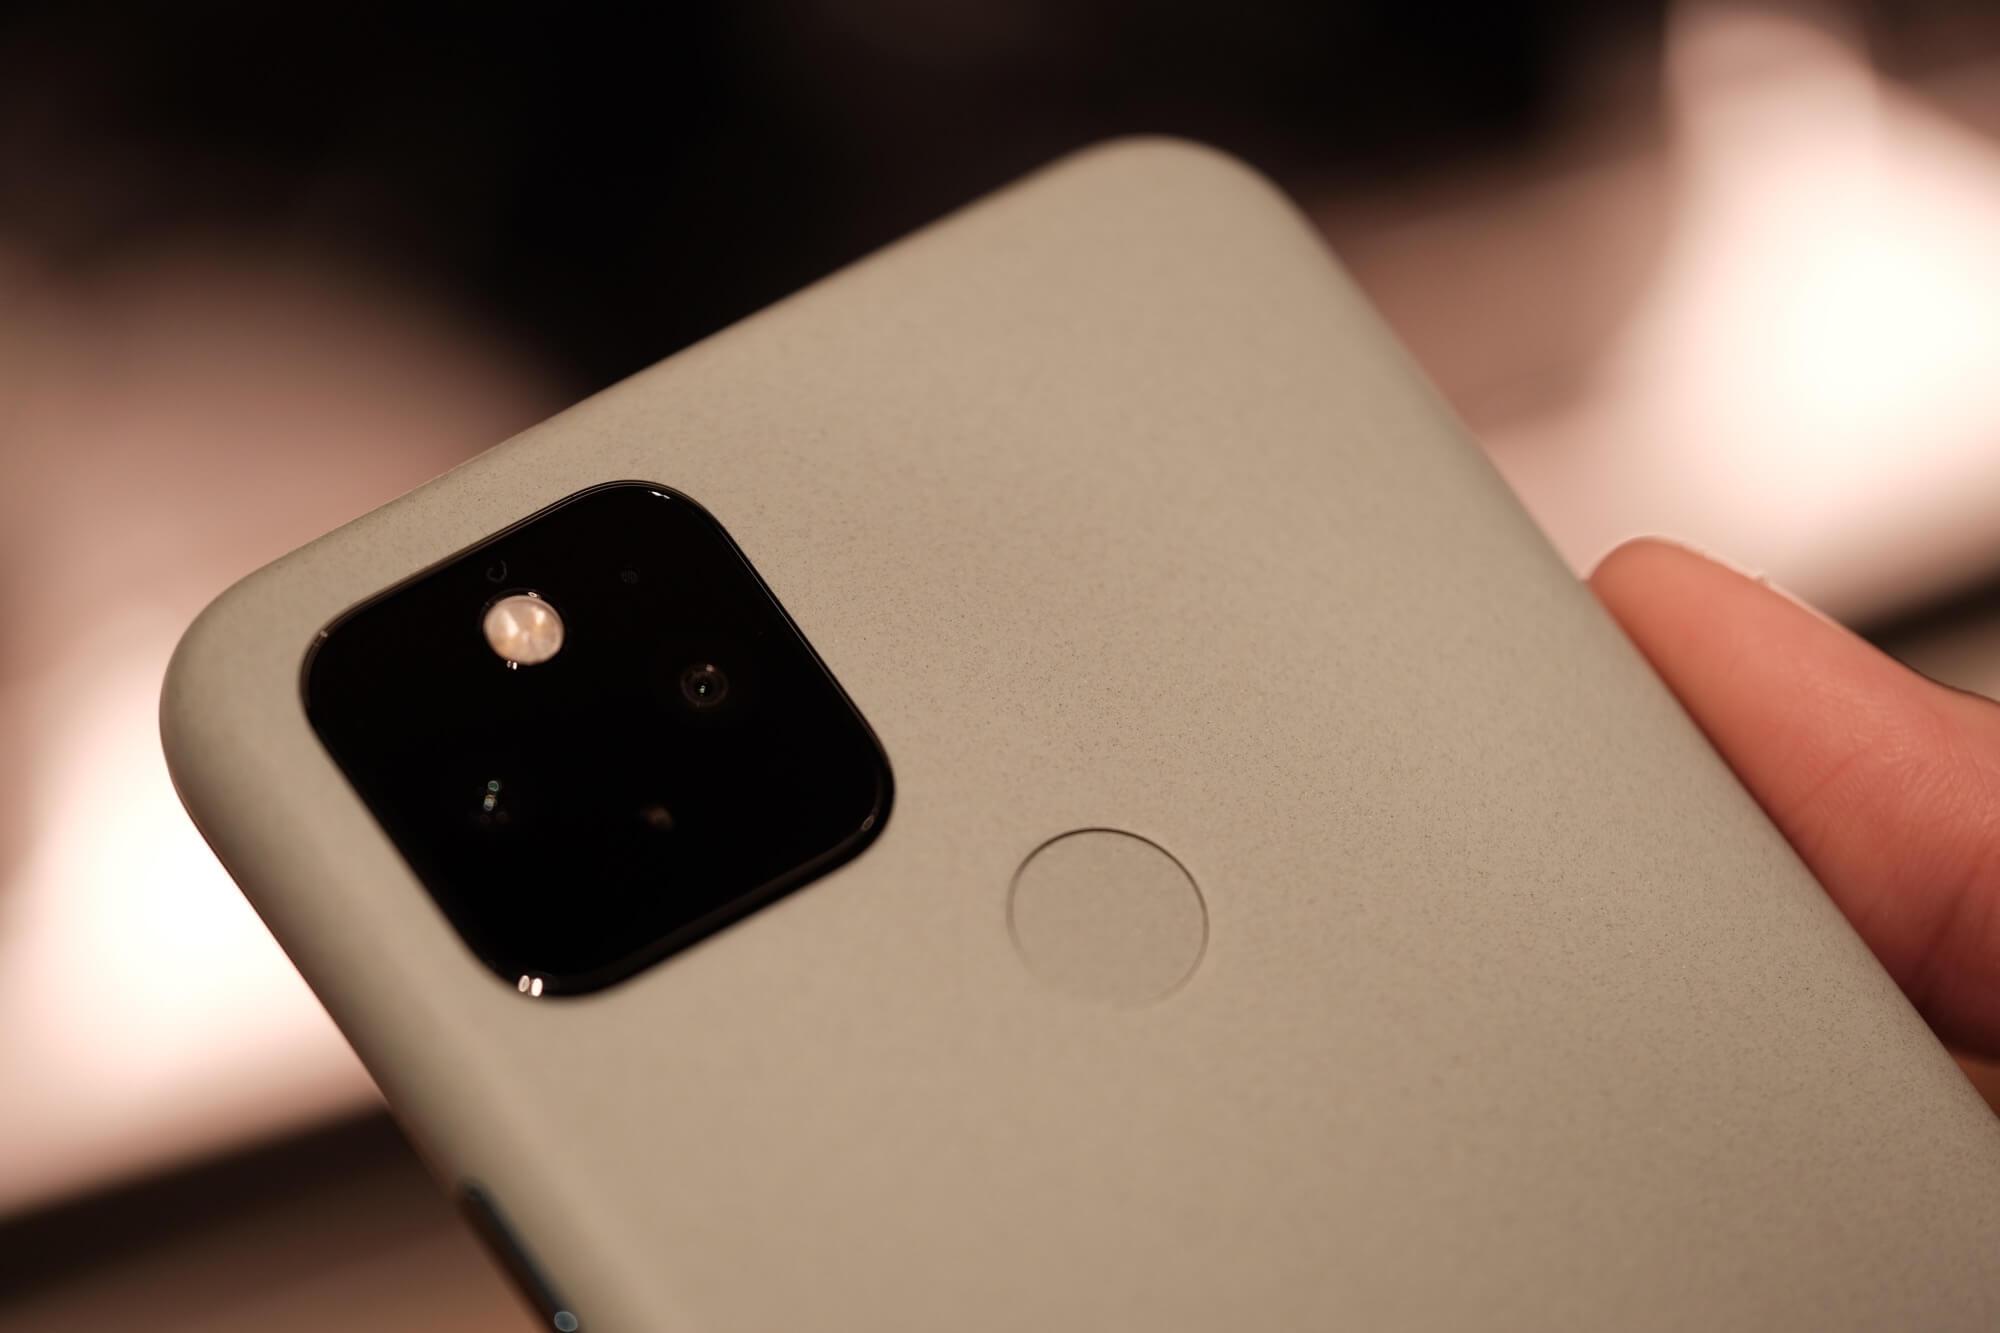 【ベストバイガジェット2020】ALL is ちょうどいい!いつもその手に「Google Pixel 5」